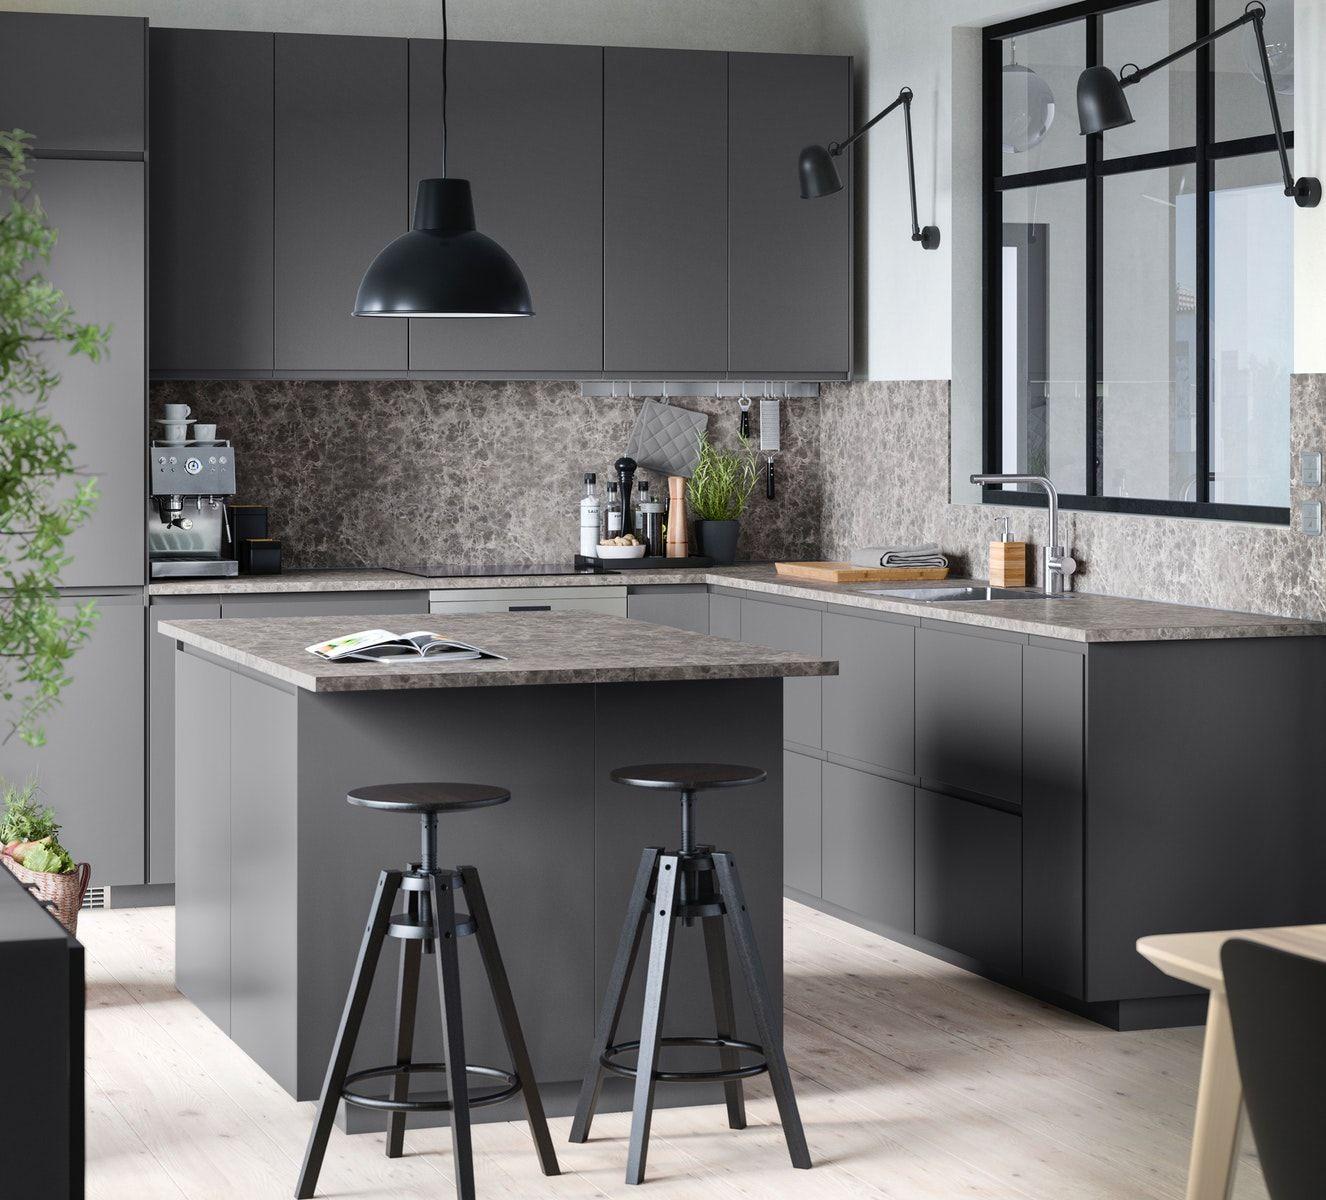 Eccezionale Catalogo cucine Ikea 2020: nuove finiture e soluzioni low budget YT71